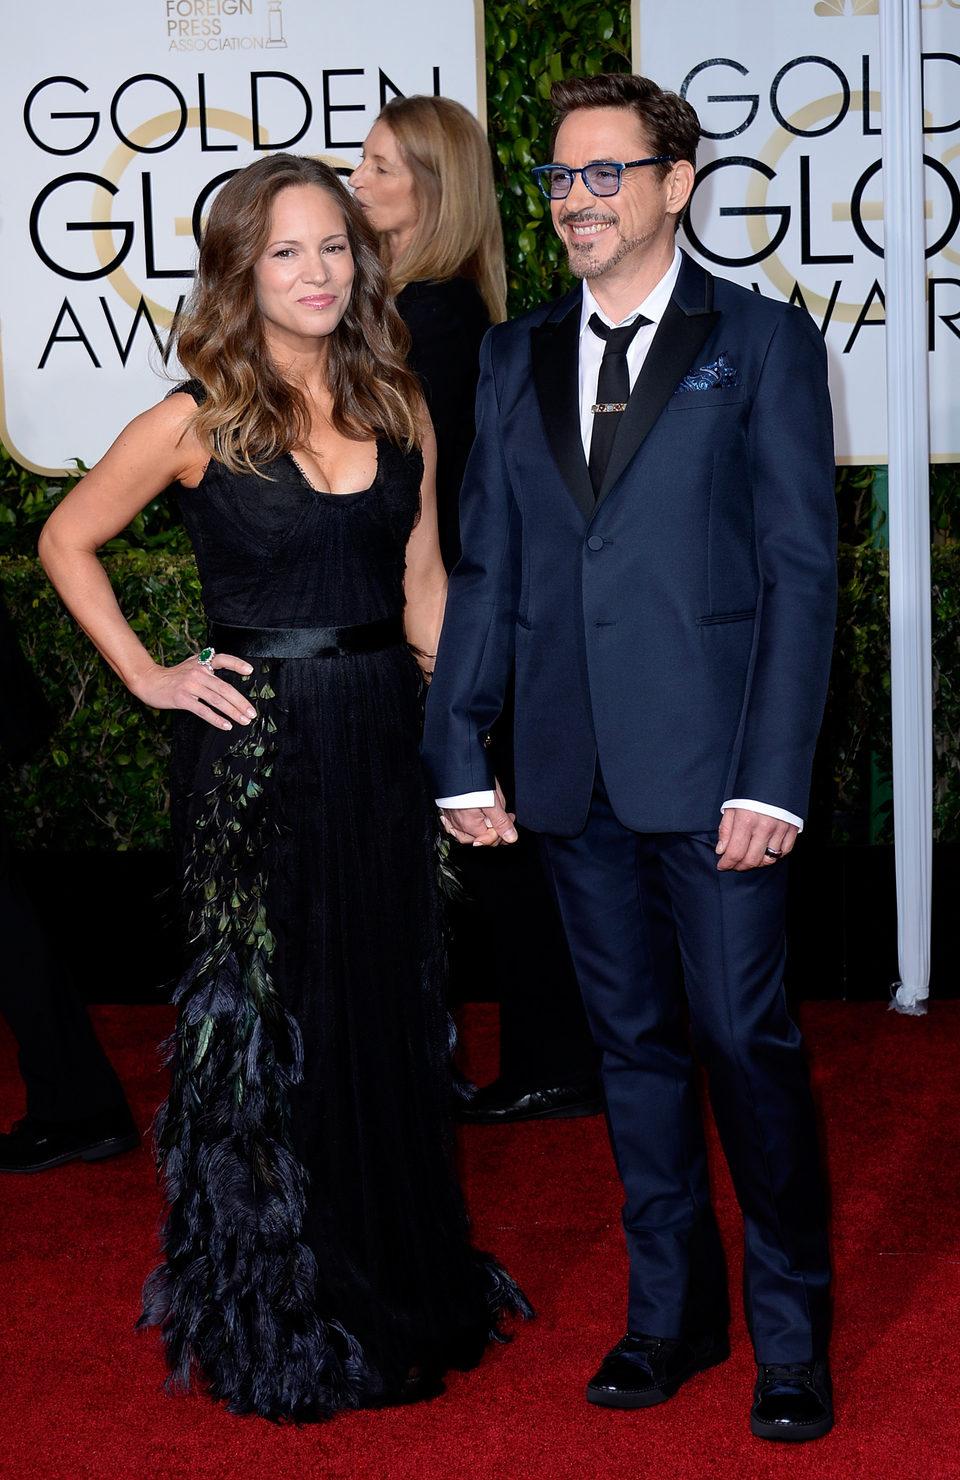 Robert Downey Jr. y Susan Downey en la alfombra roja de los Globos de Oro 2015